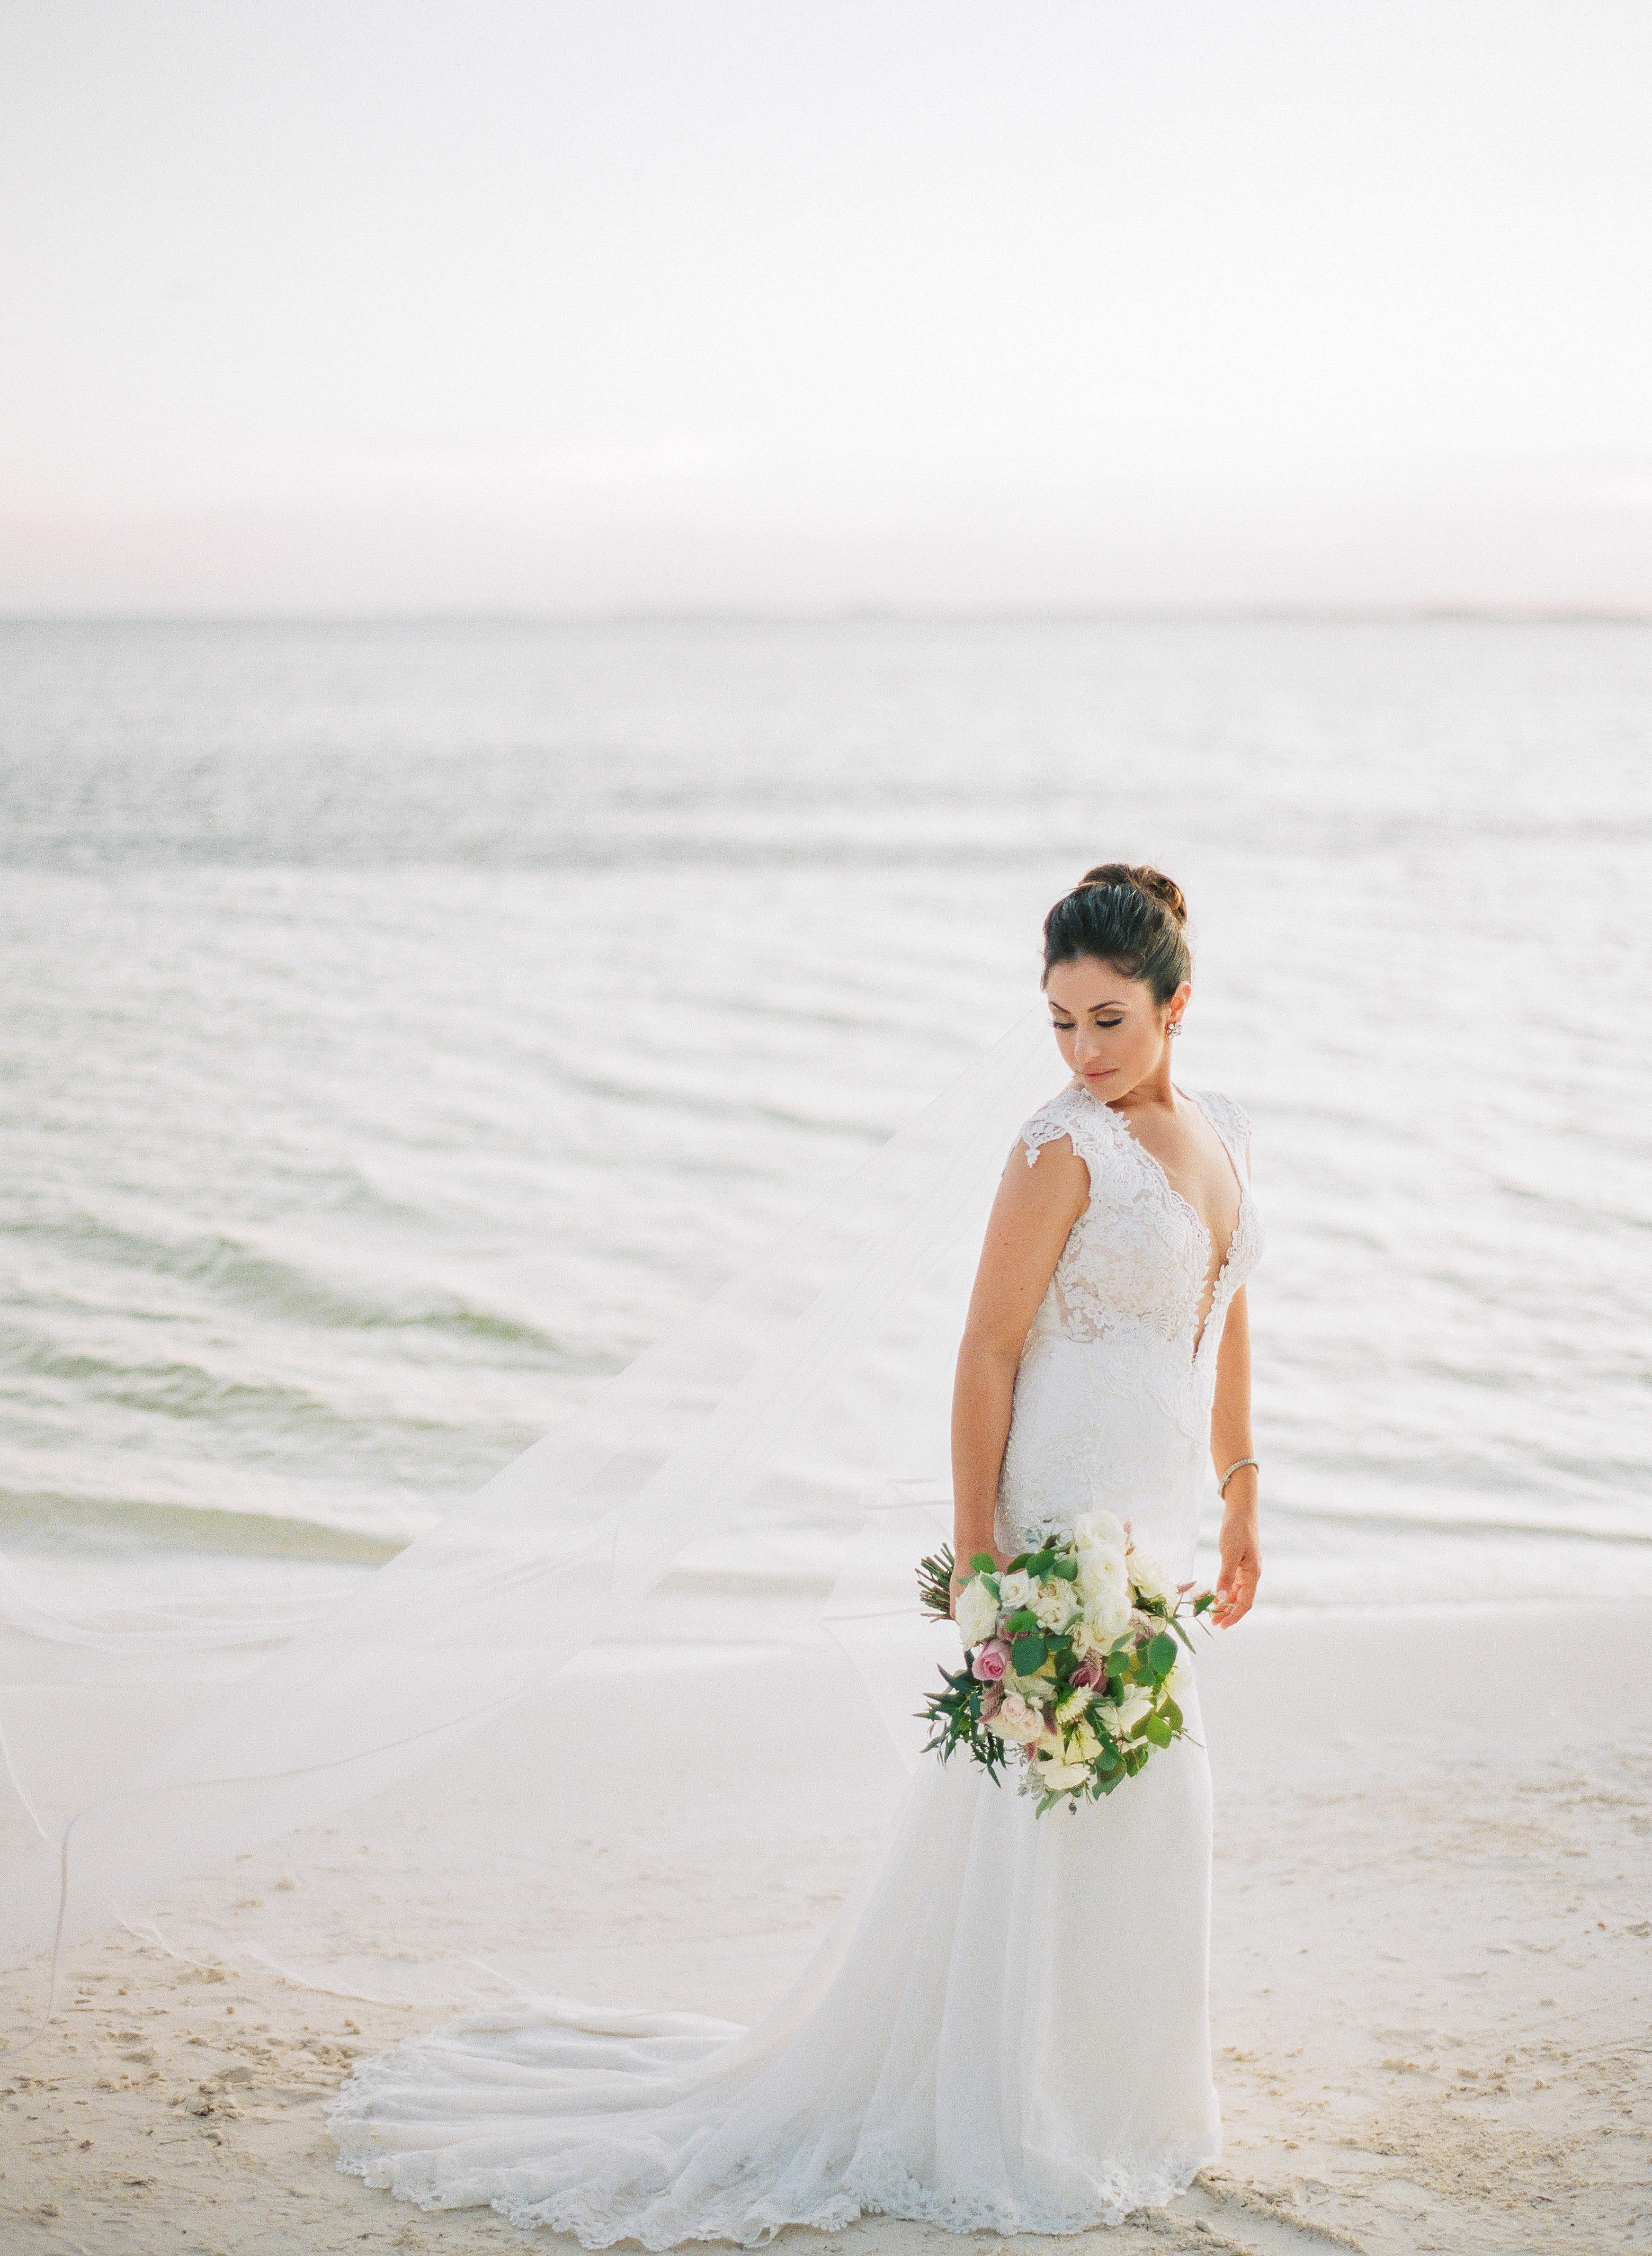 vicky james mexico wedding bride beach